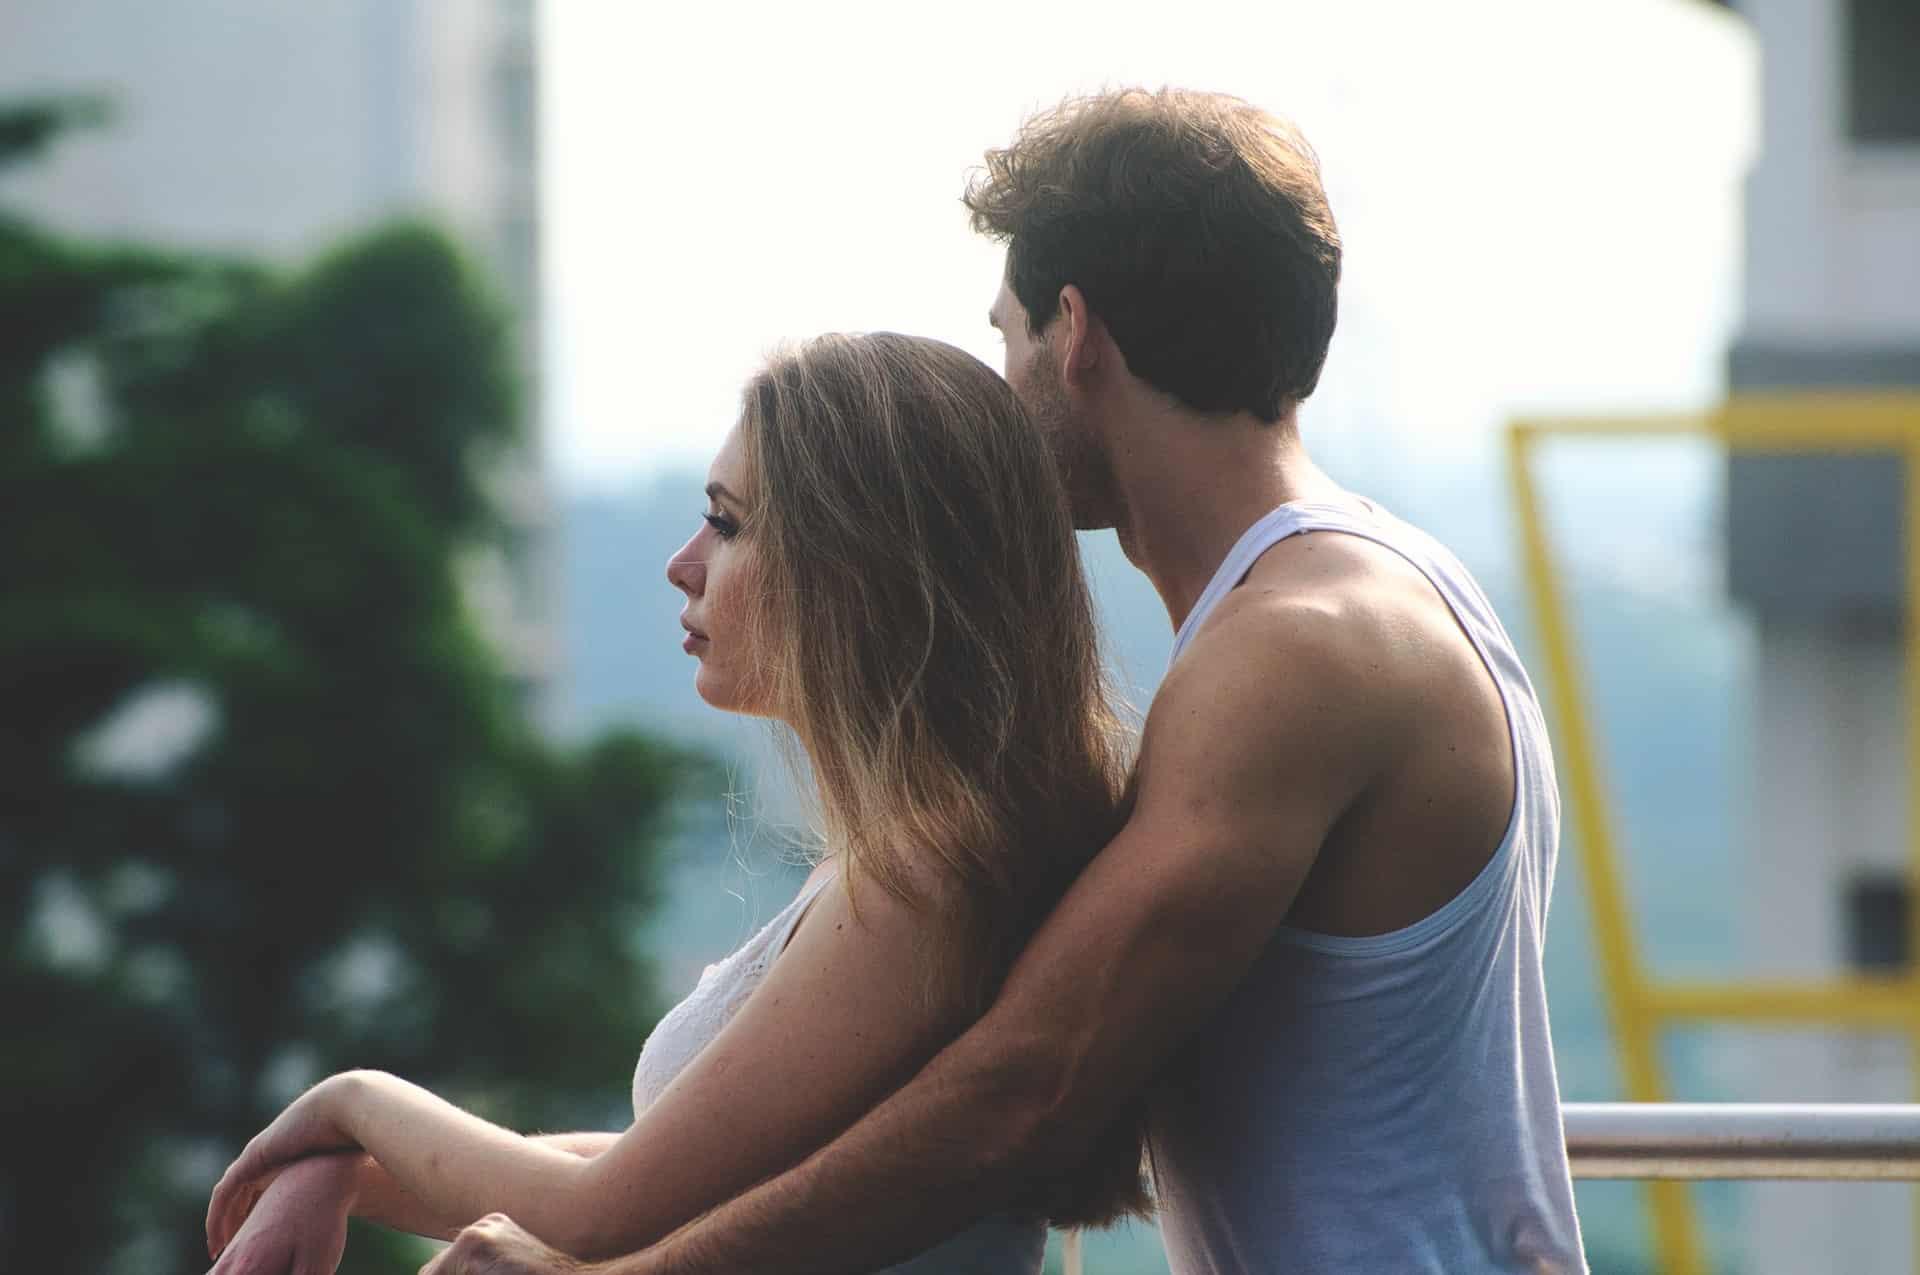 l'homme debout derrière la femme la serra dans ses bras